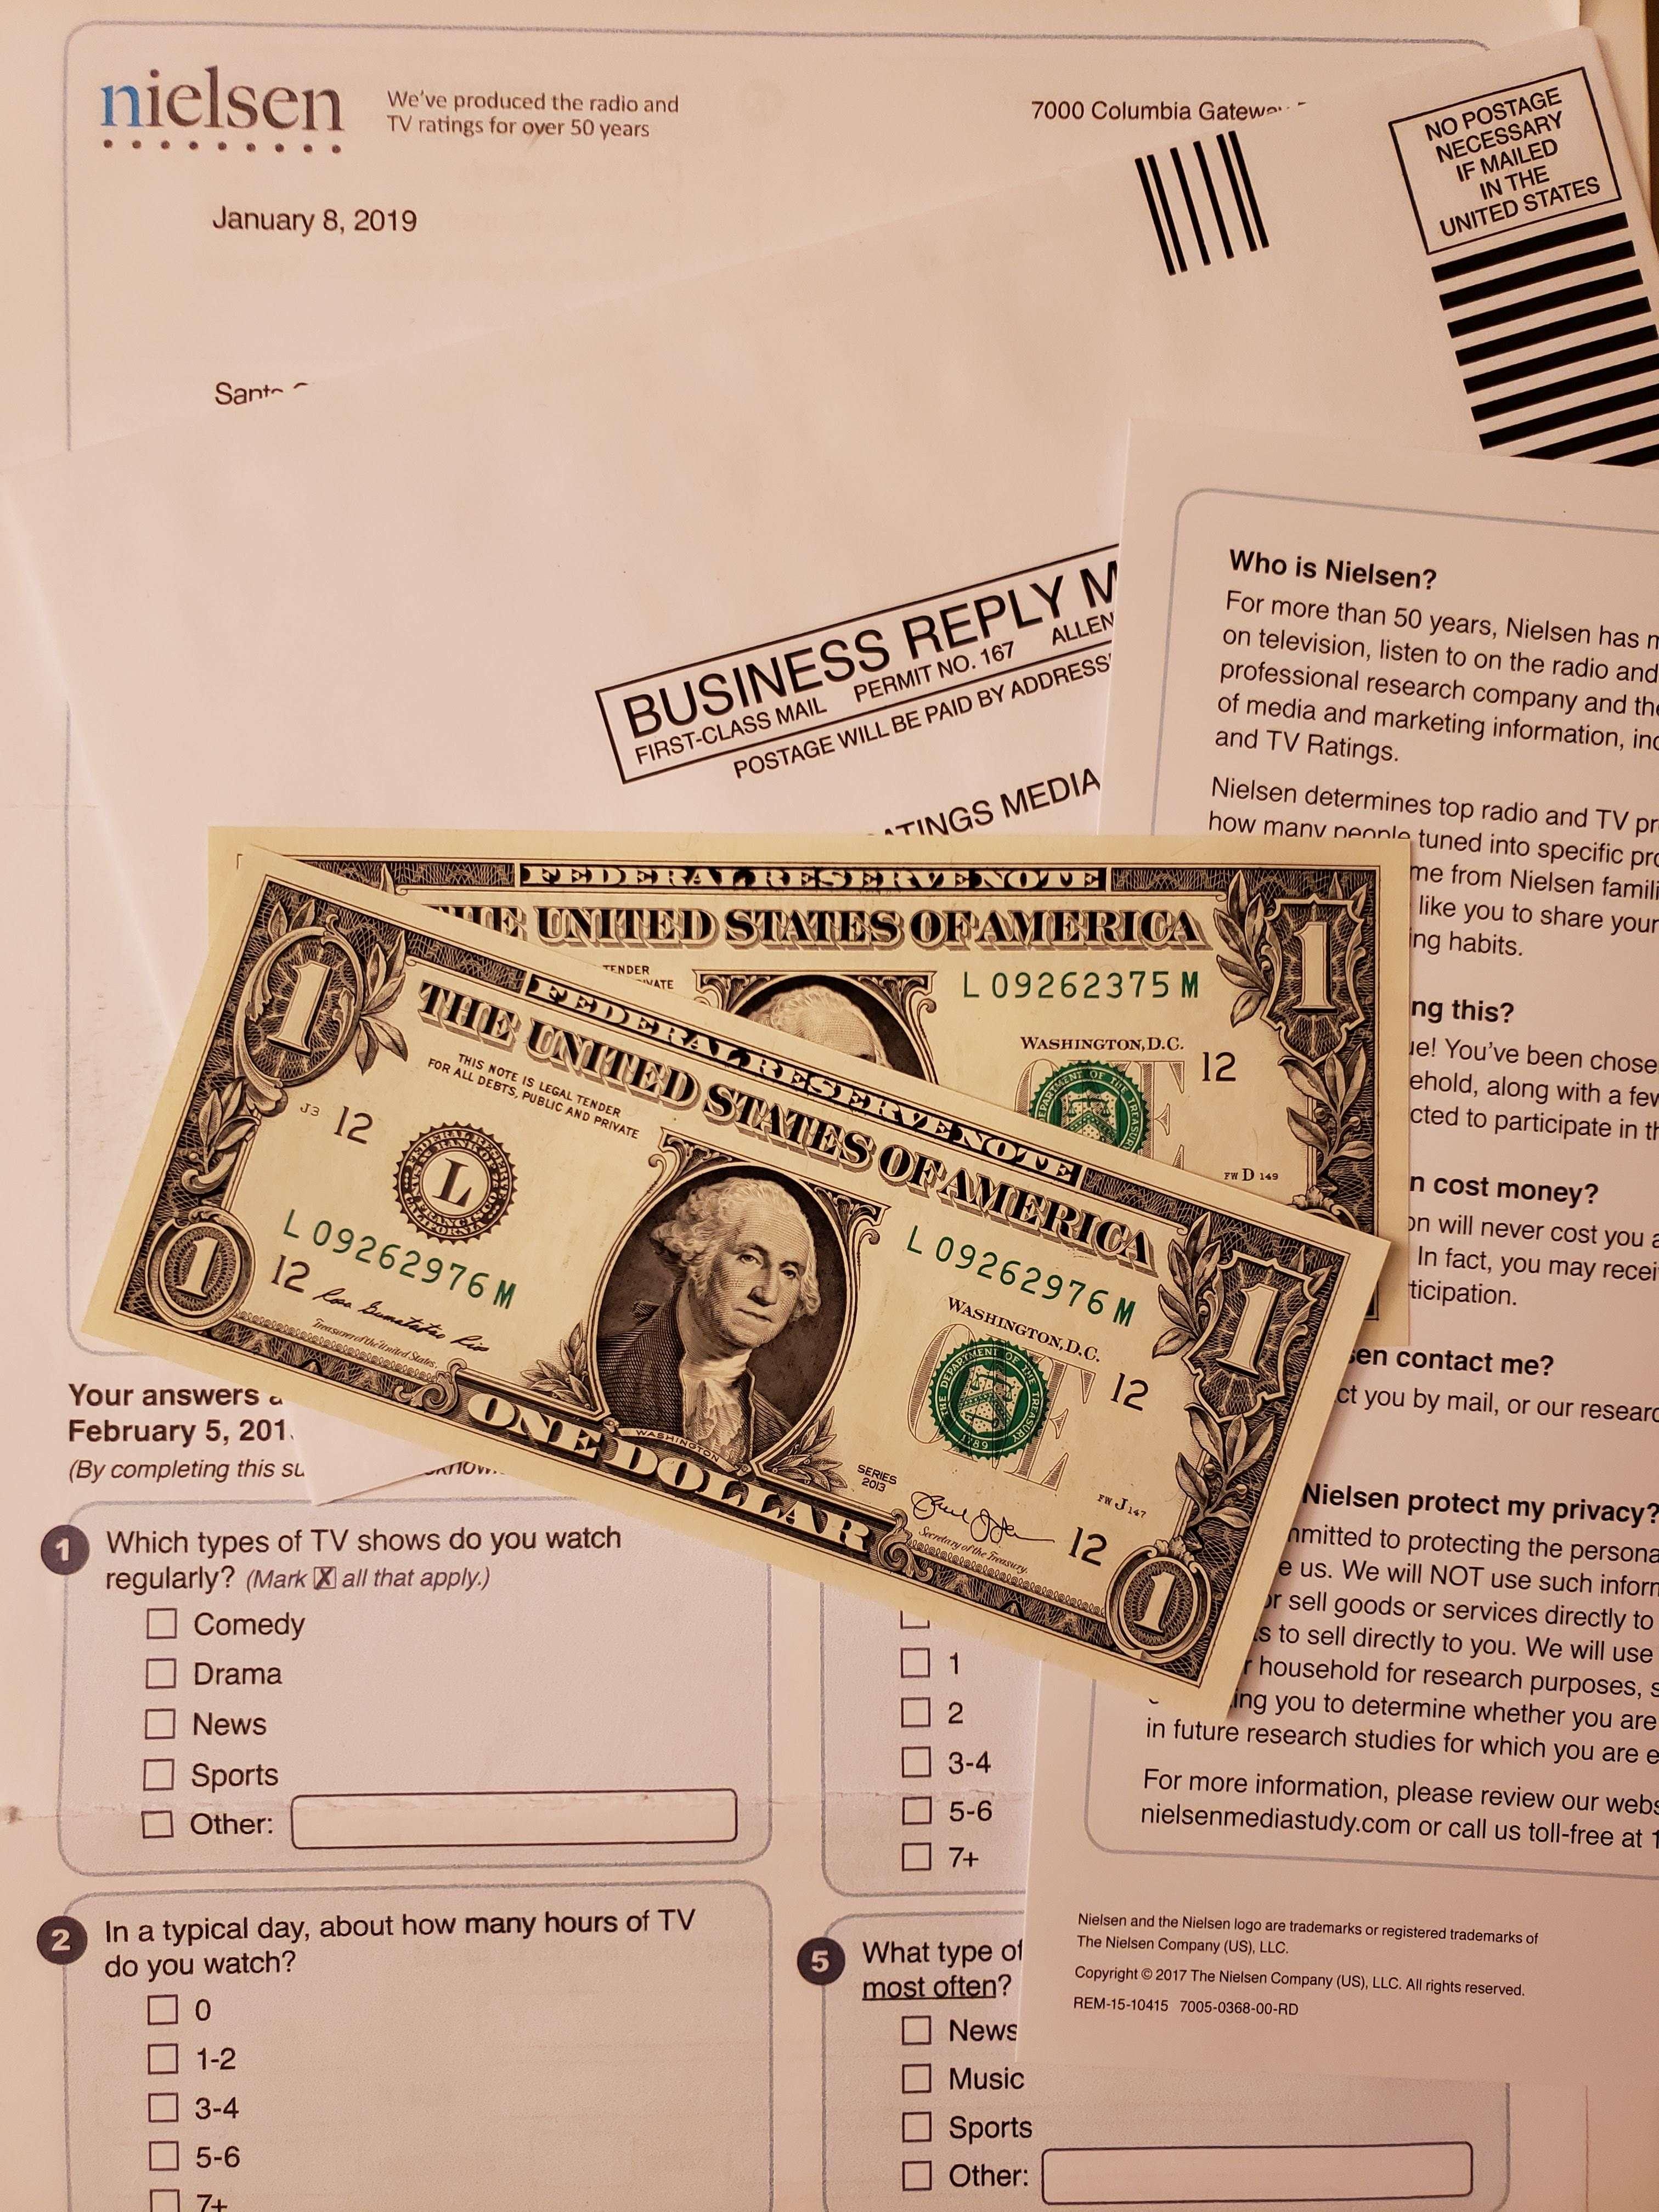 Mektupla anket 2 dolar